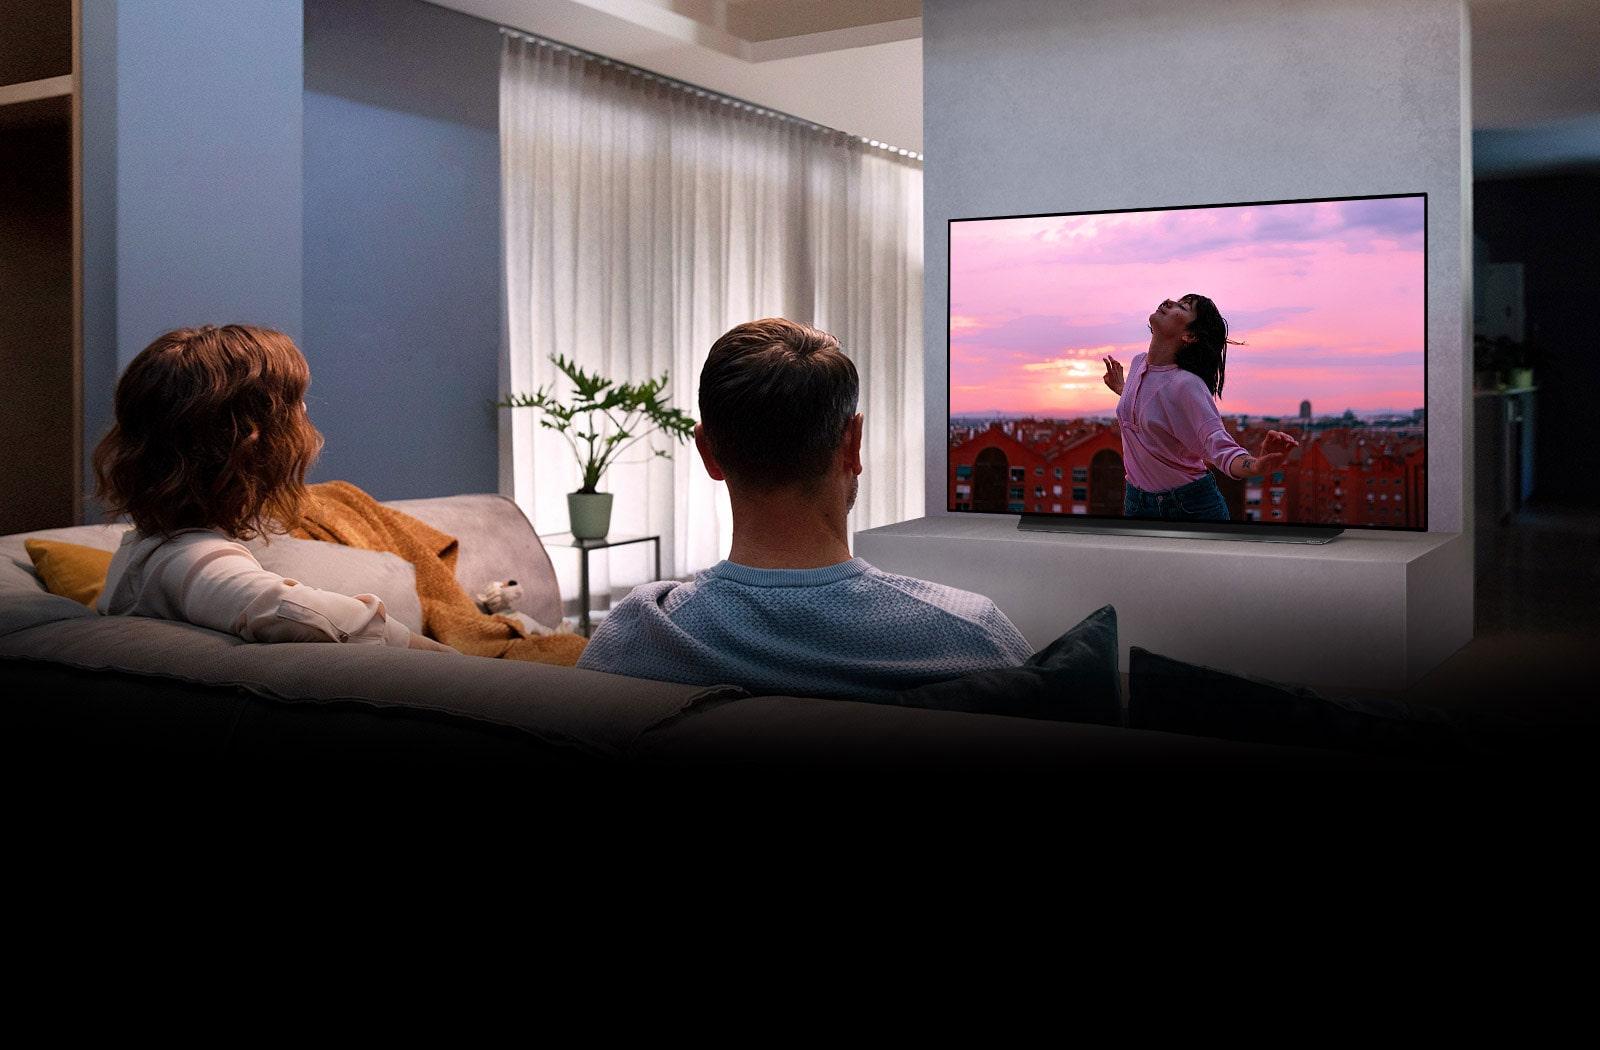 Una coppia seduta su un divano in soggiorno guarda un film romantico alla TV